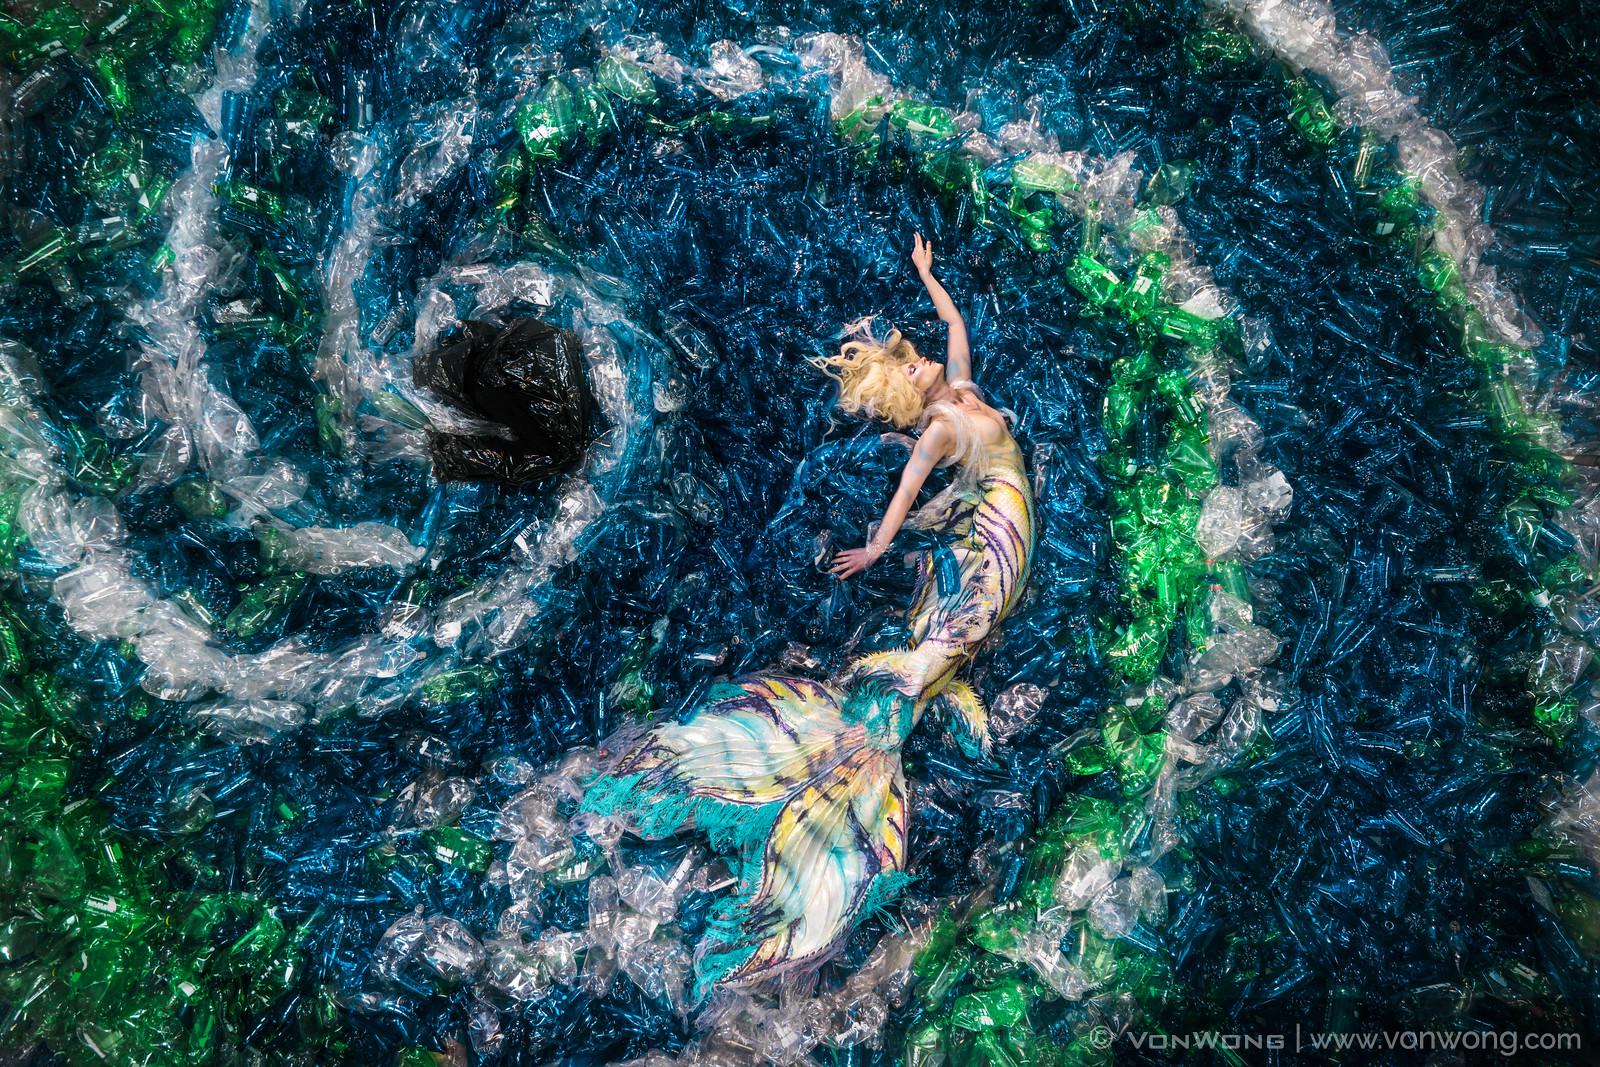 Mermaid bottle project